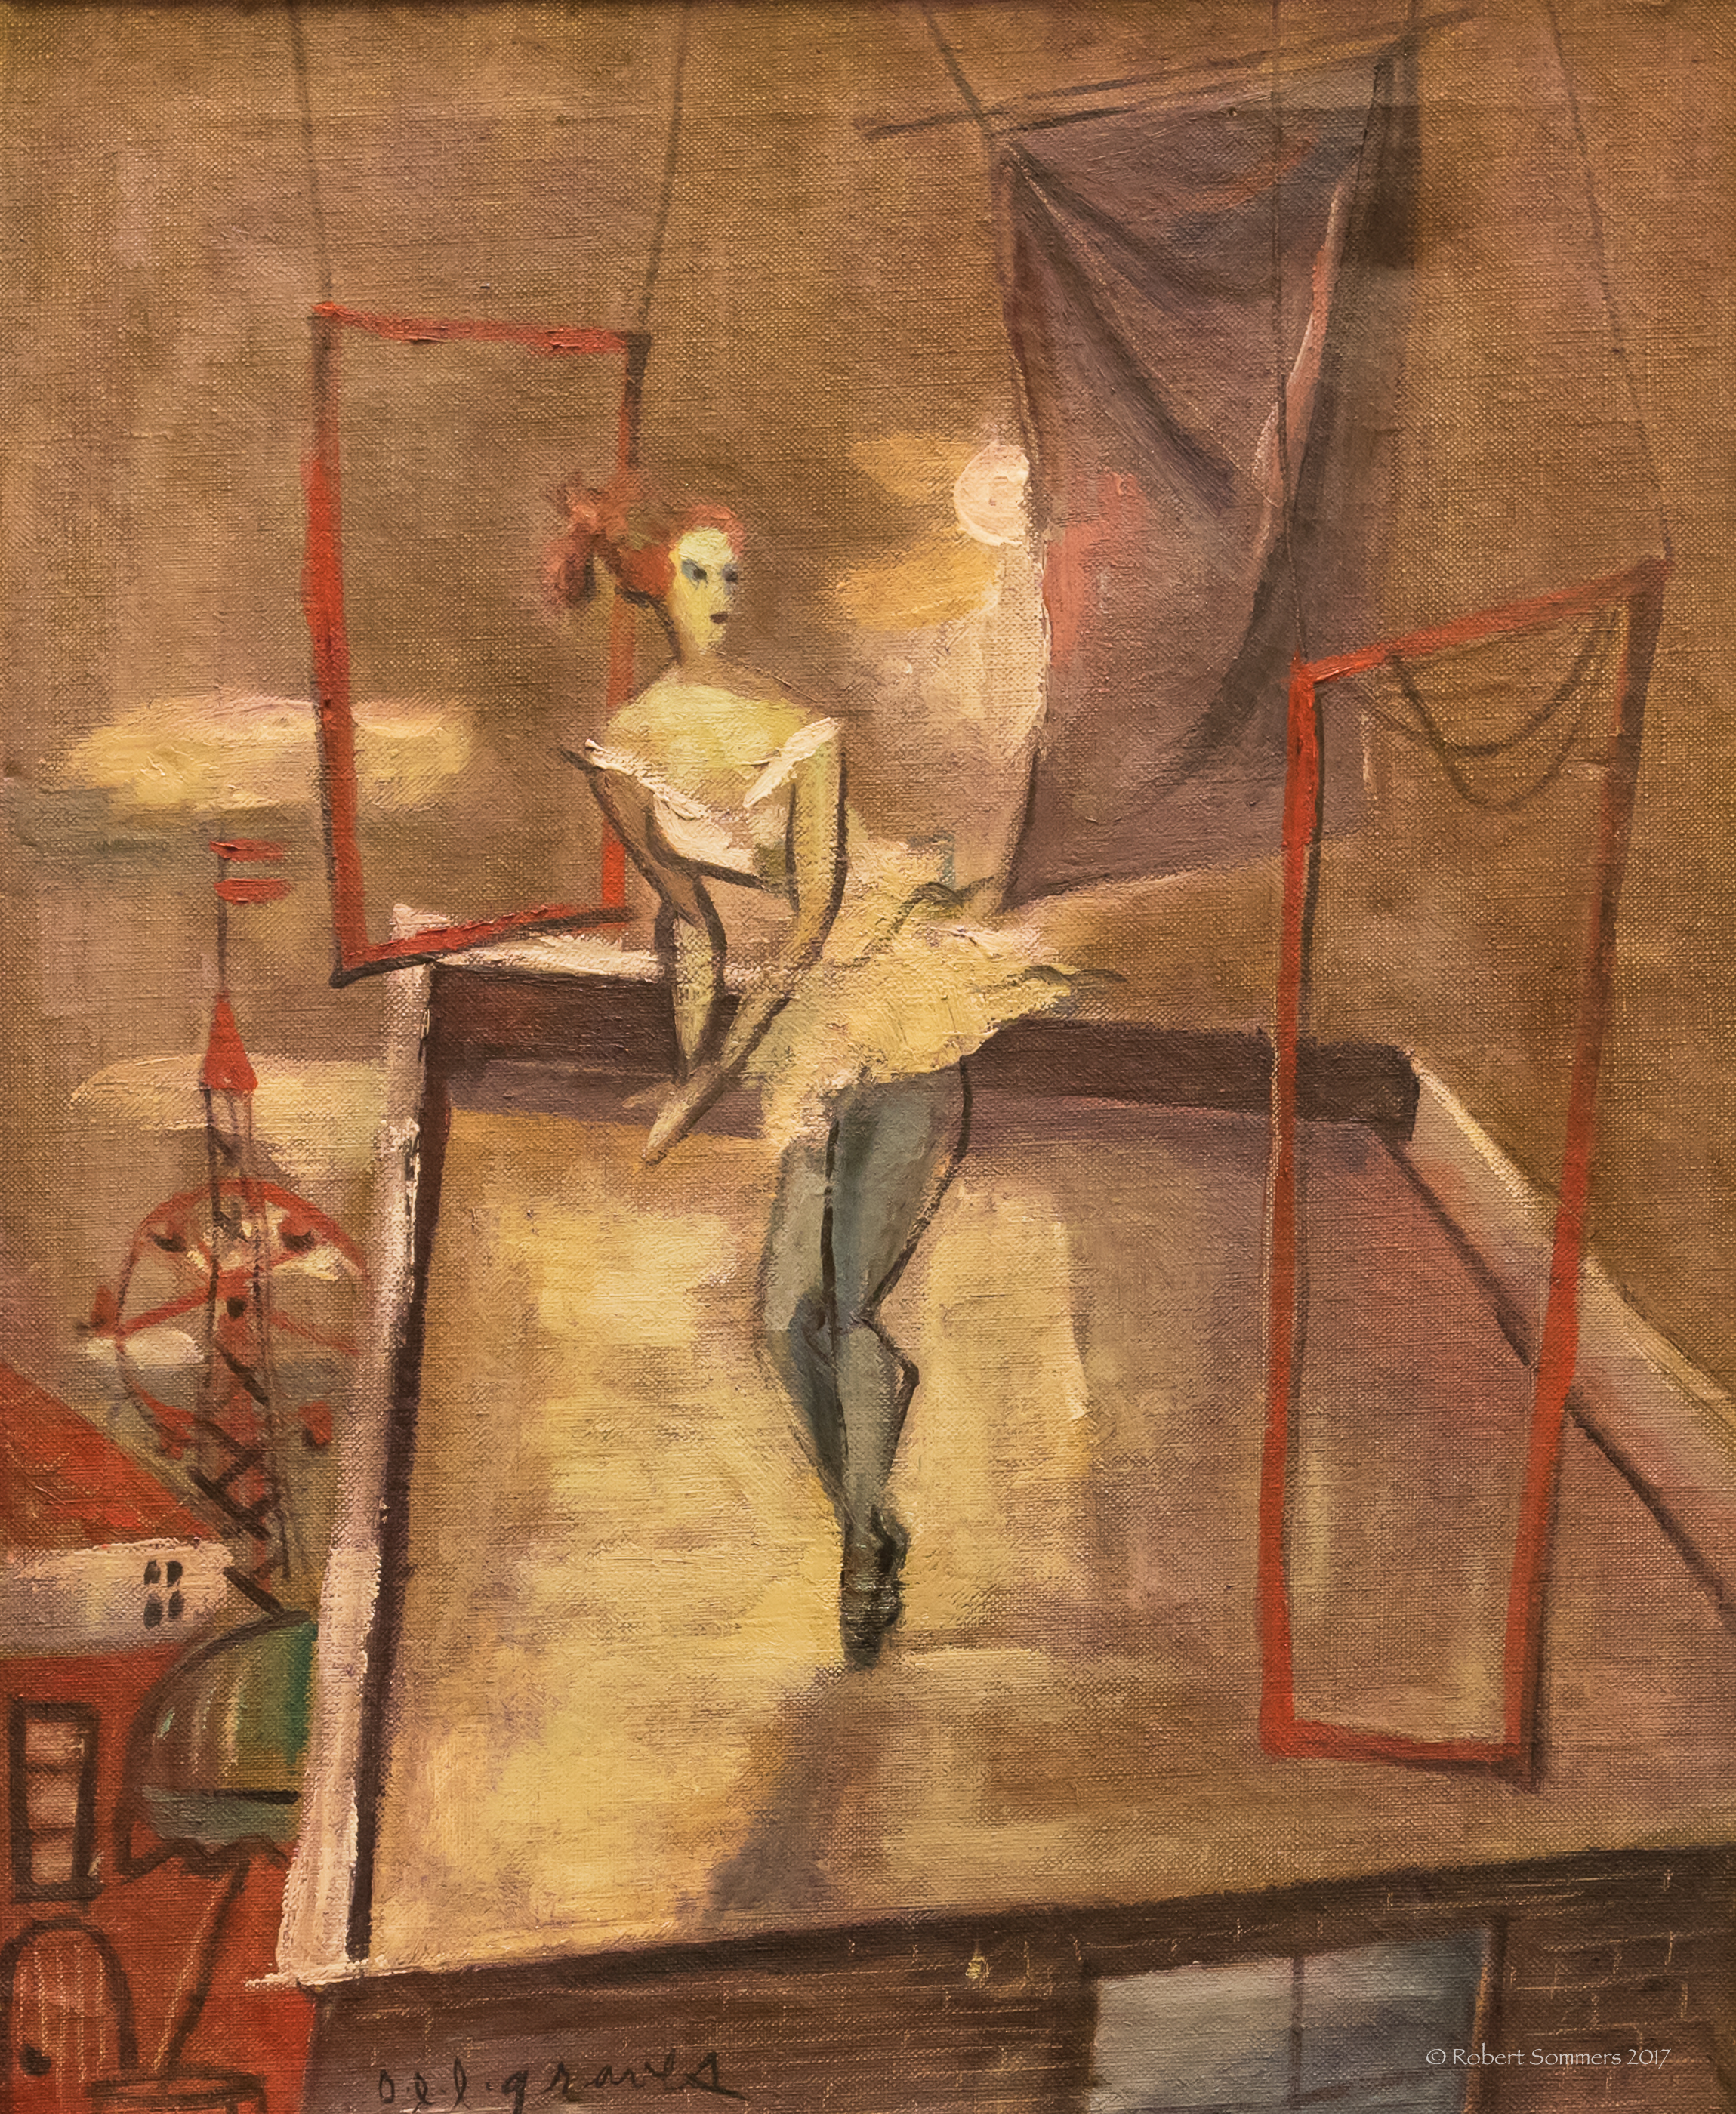 O.E.L. Graves